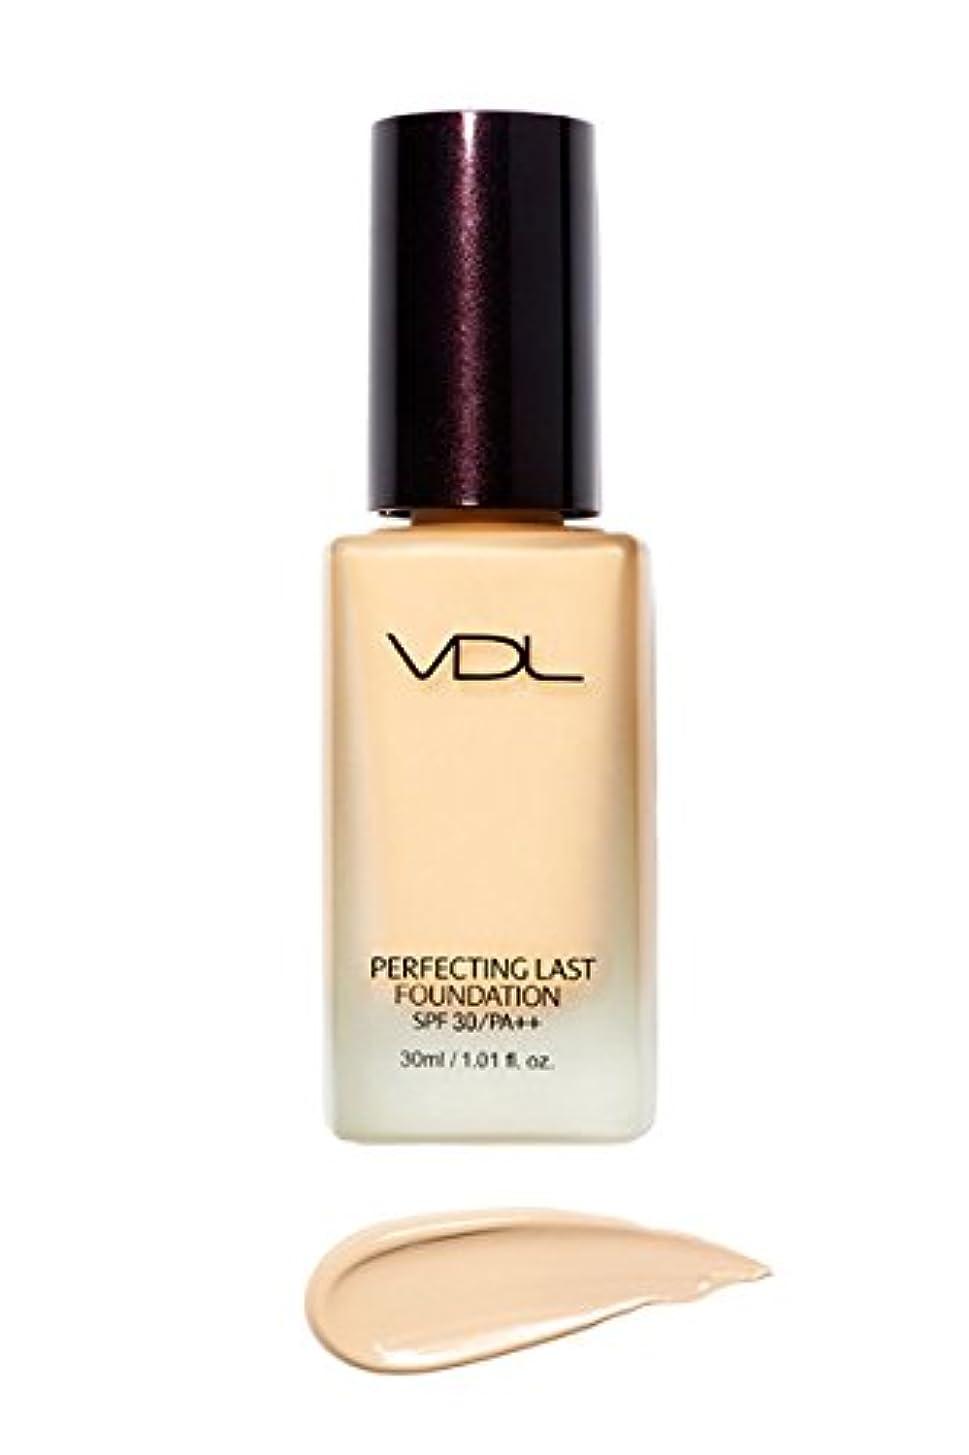 満足できる機転かび臭いVDL ブイディーエル パーフェクティング?ラスト?ファンデーション SPF30 PA++ 30ml 3類 (Perfecting Last Foundation) 海外直送品 (V02-Vanilla Base-)